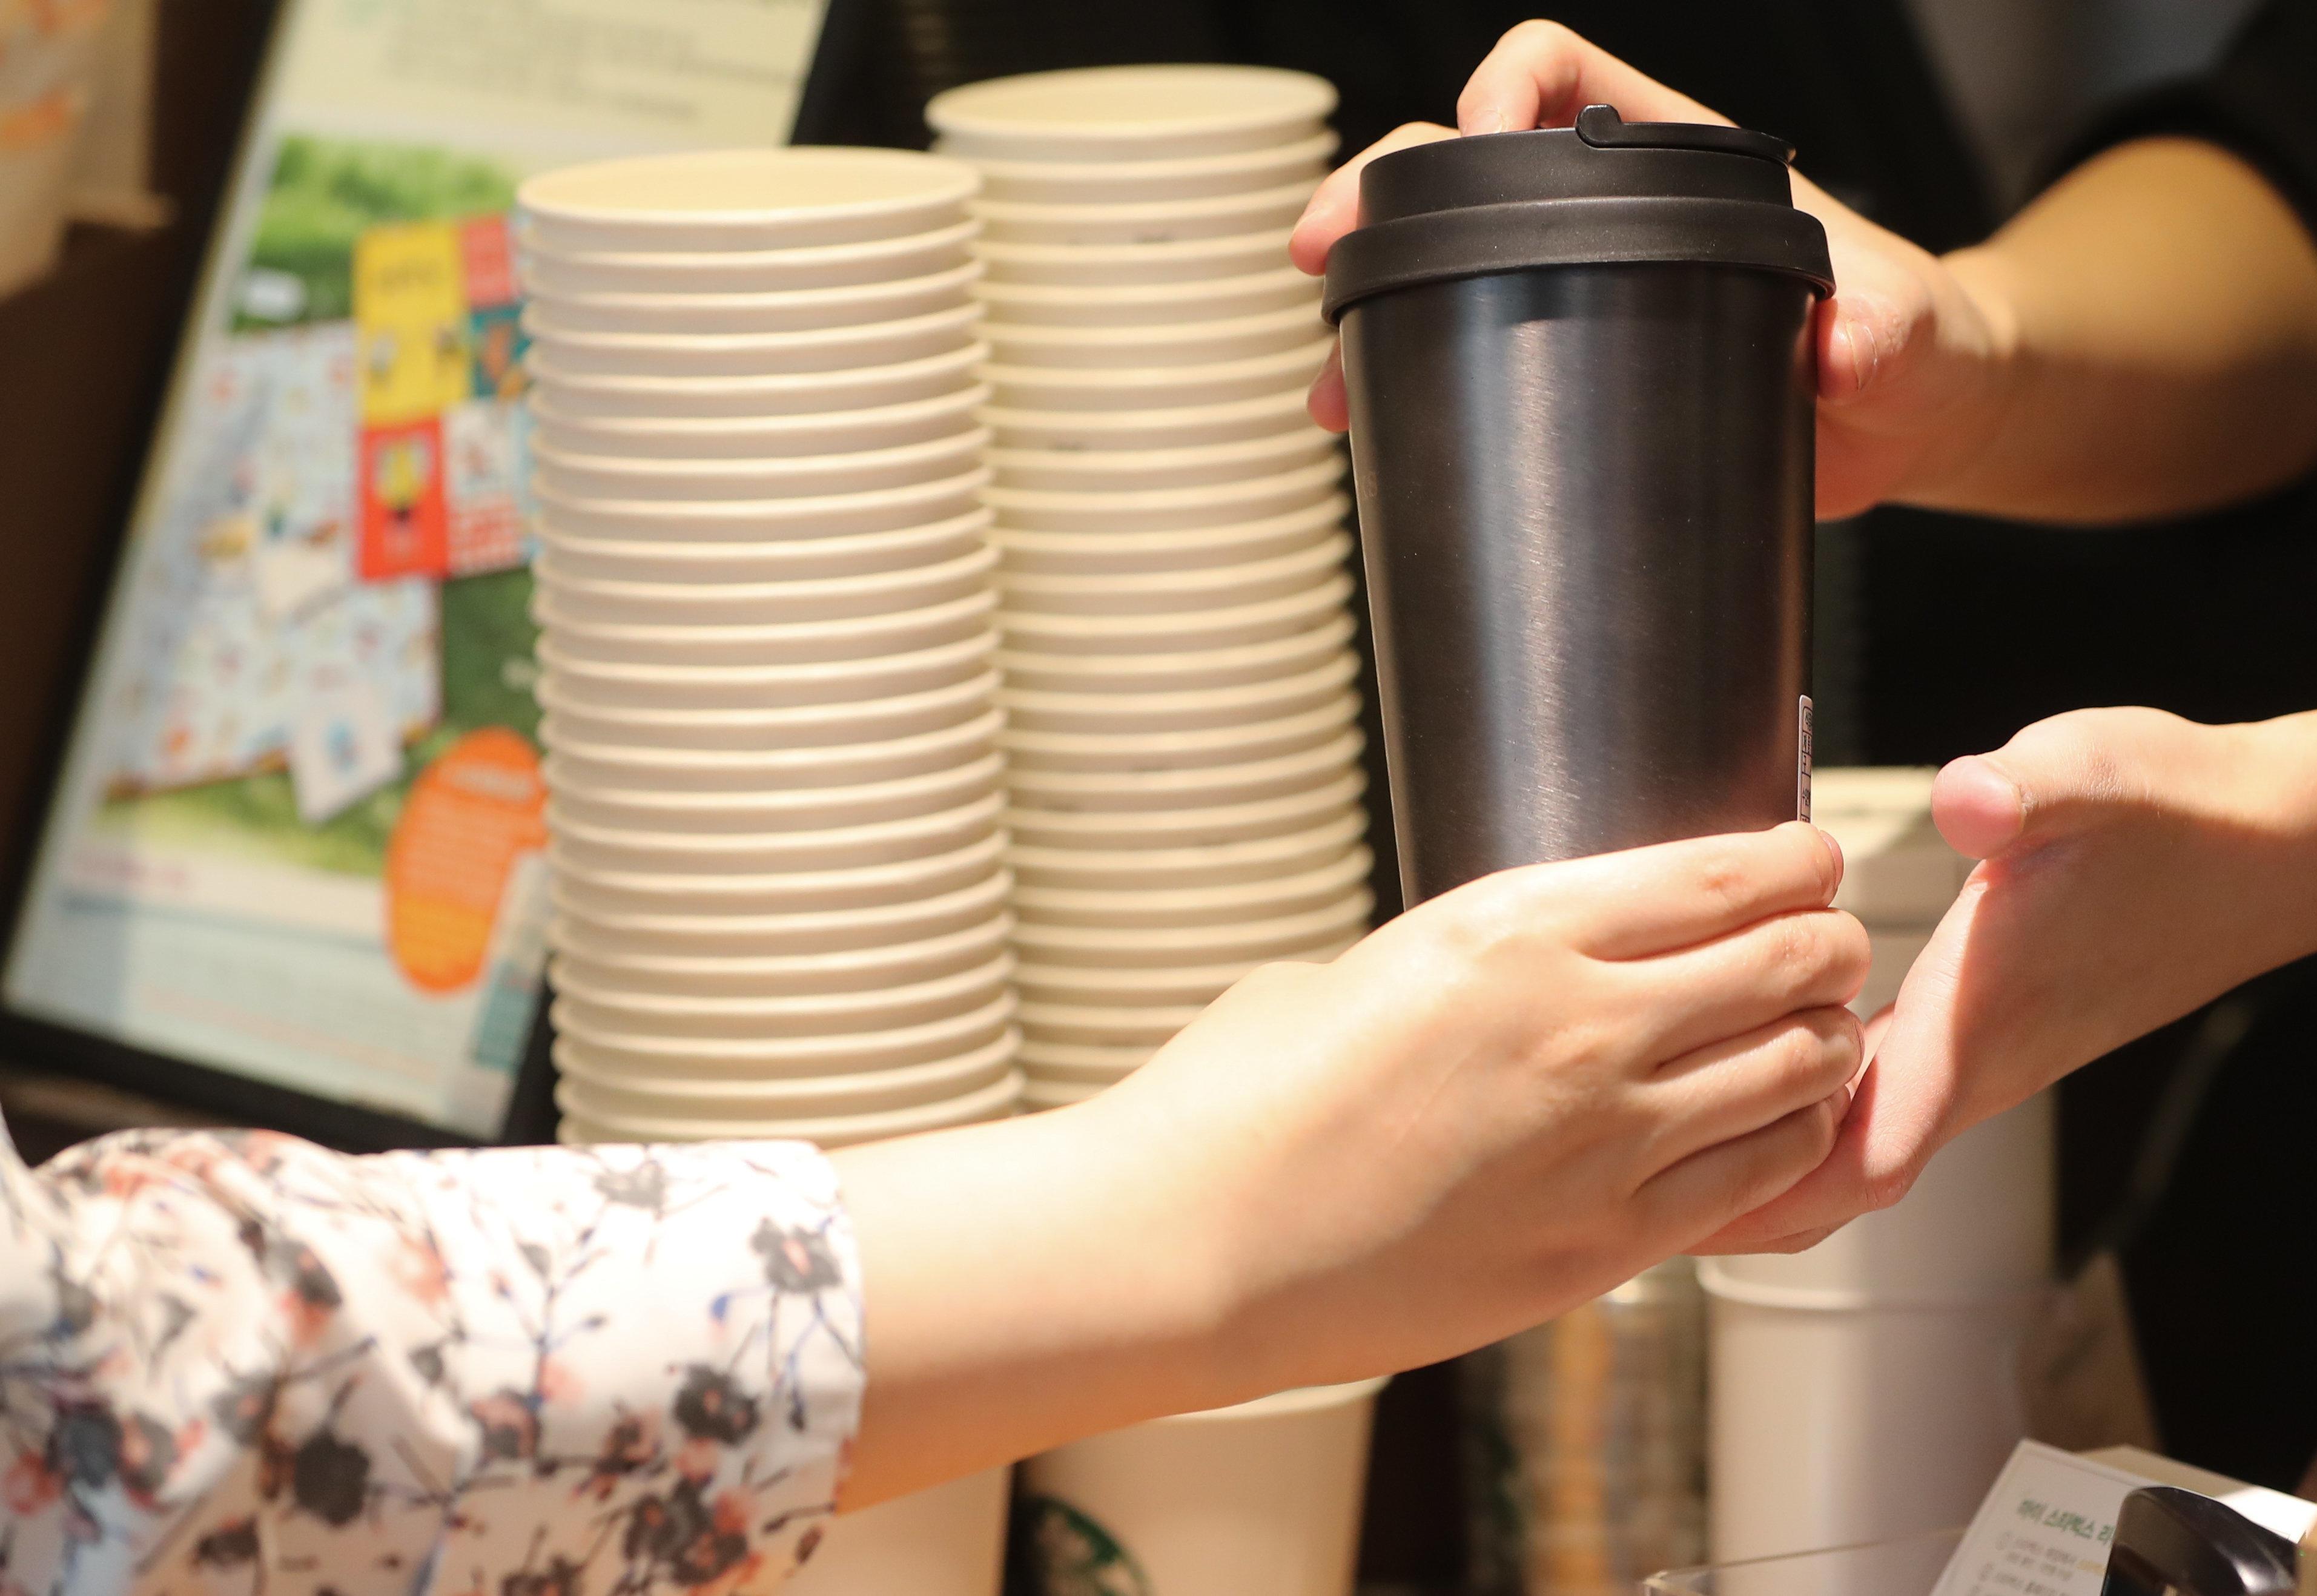 스타벅스와 서울시가 서울 시내에 일회용 컵 수거함을